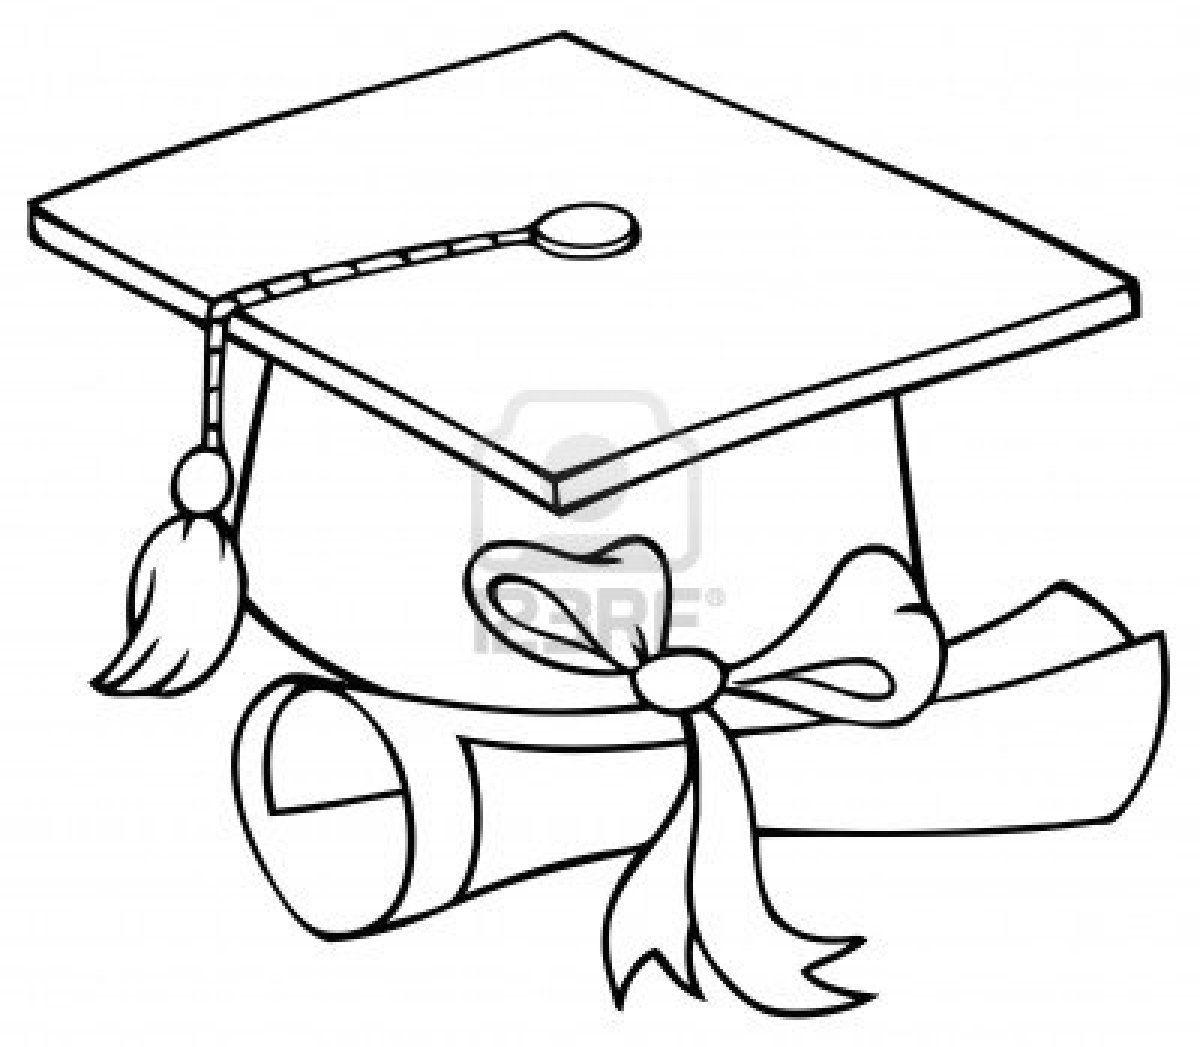 Graduation cap coloring page graduation cap coloring page coloring pages pictures imagixs